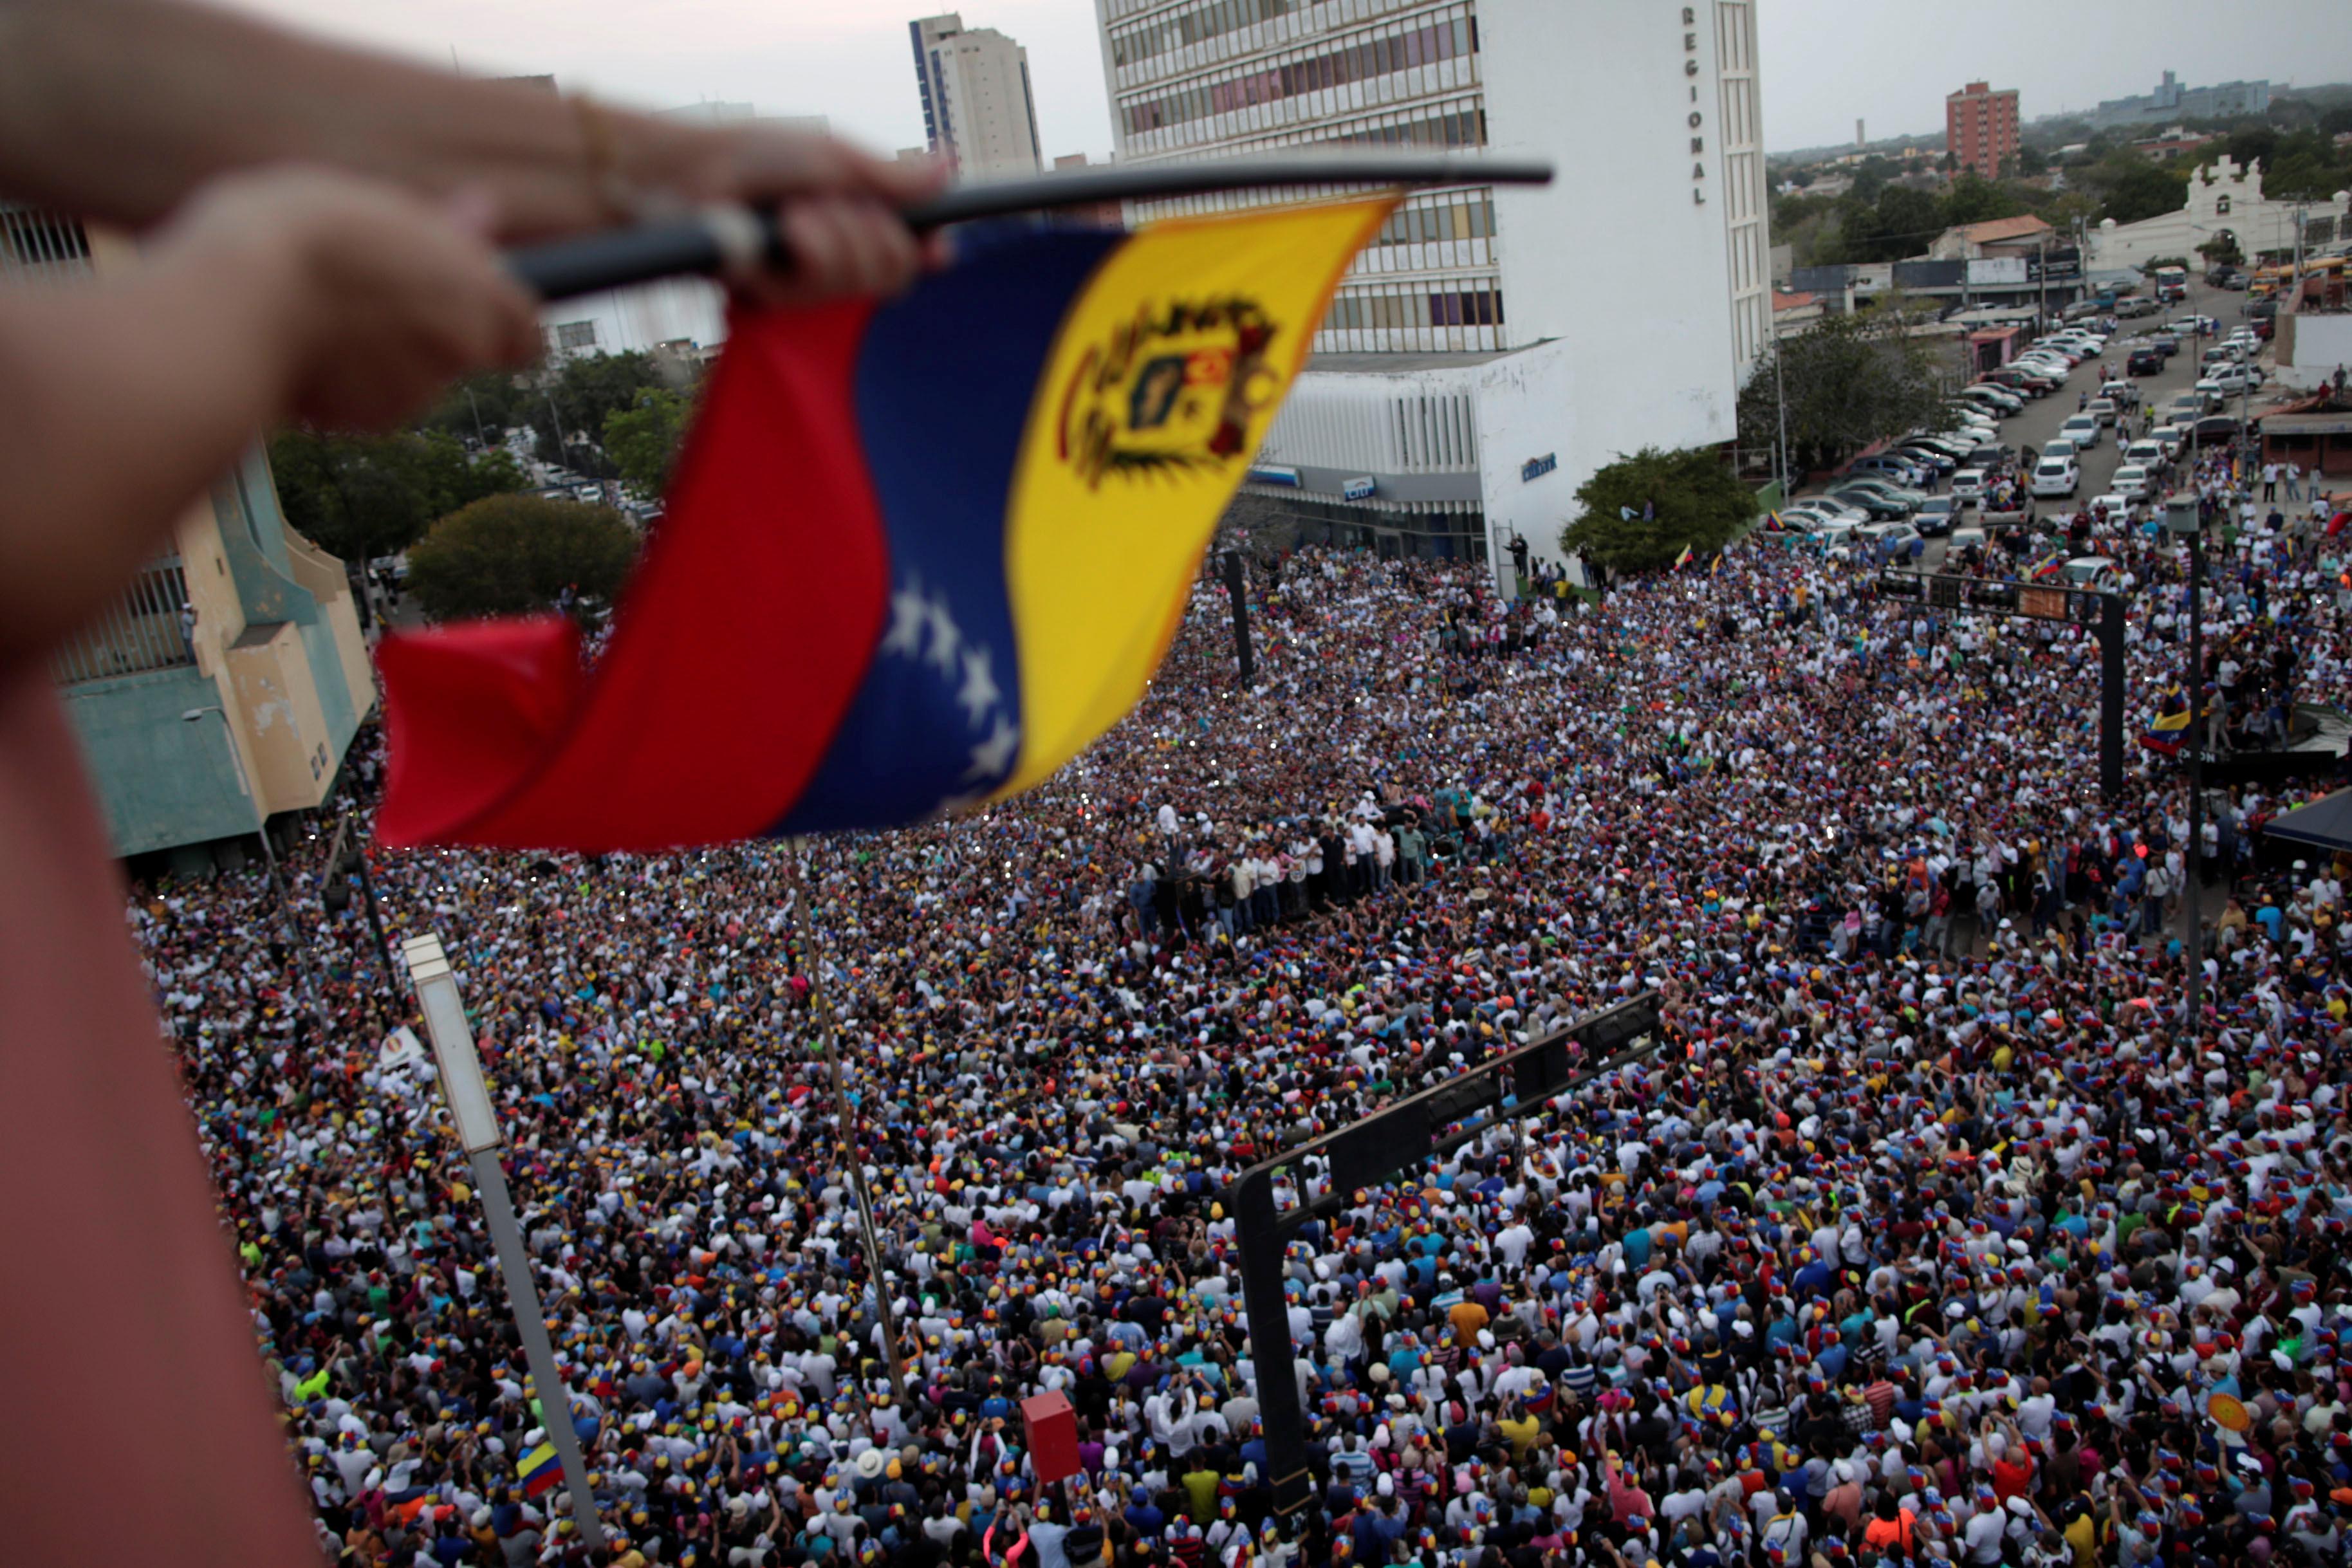 زعيم المعارضة الفنزويلية جوايدو يشارك في مظاهرة خلال زيارته لماراكايبو 2